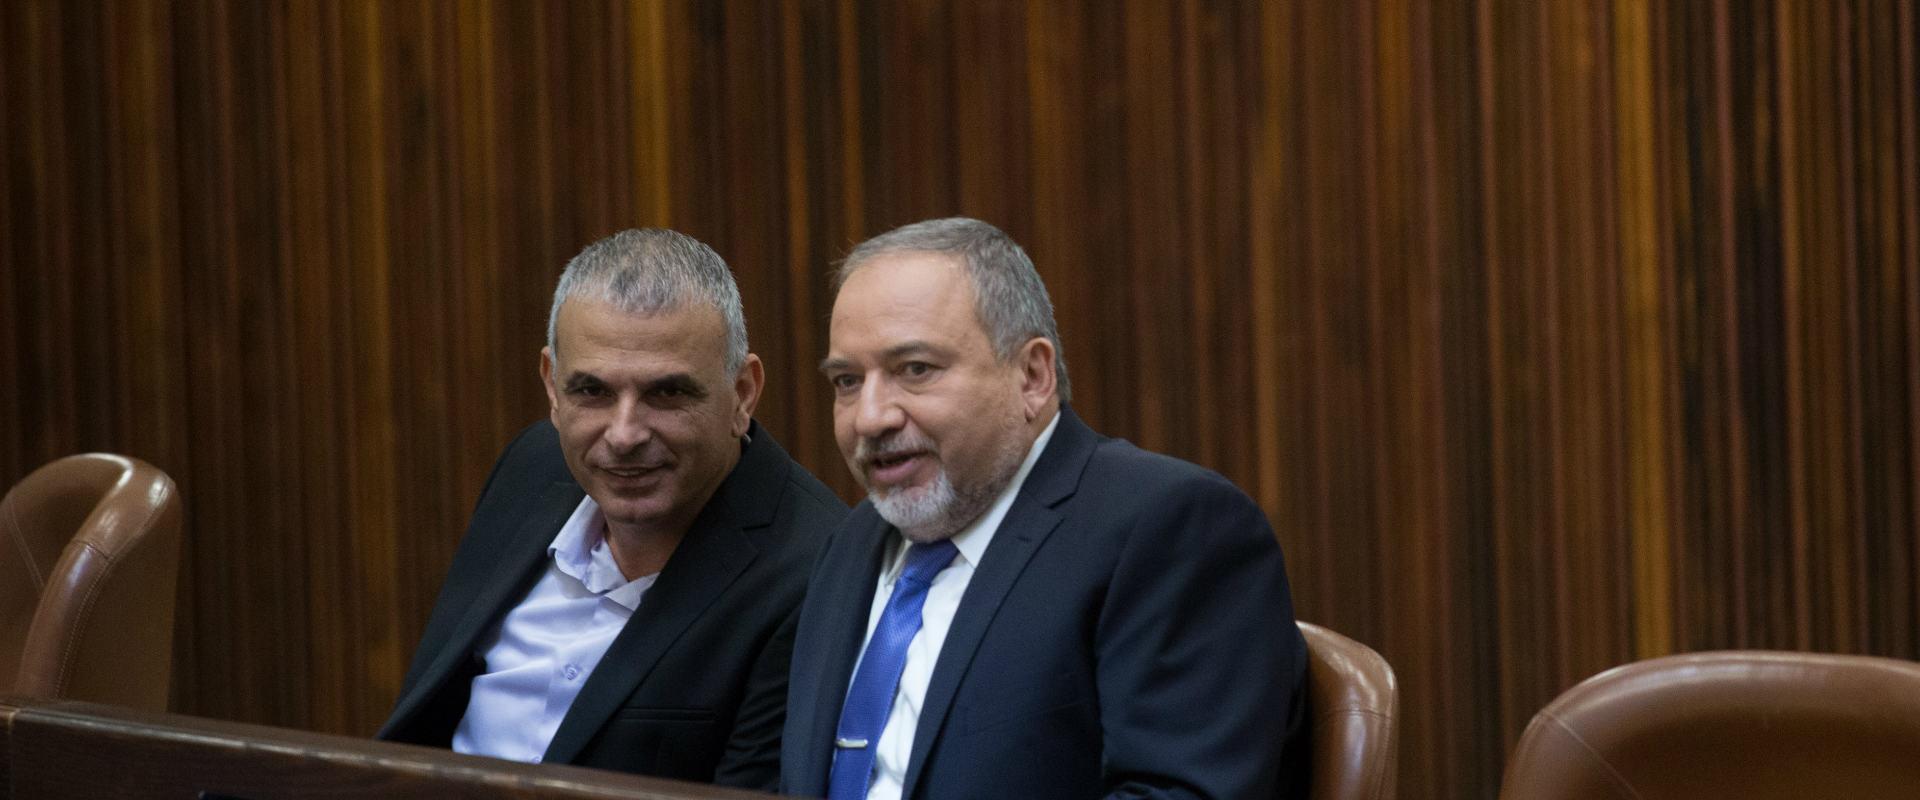 שר הביטחון אביגדור ליברמן ושר האוצר משה כחלון